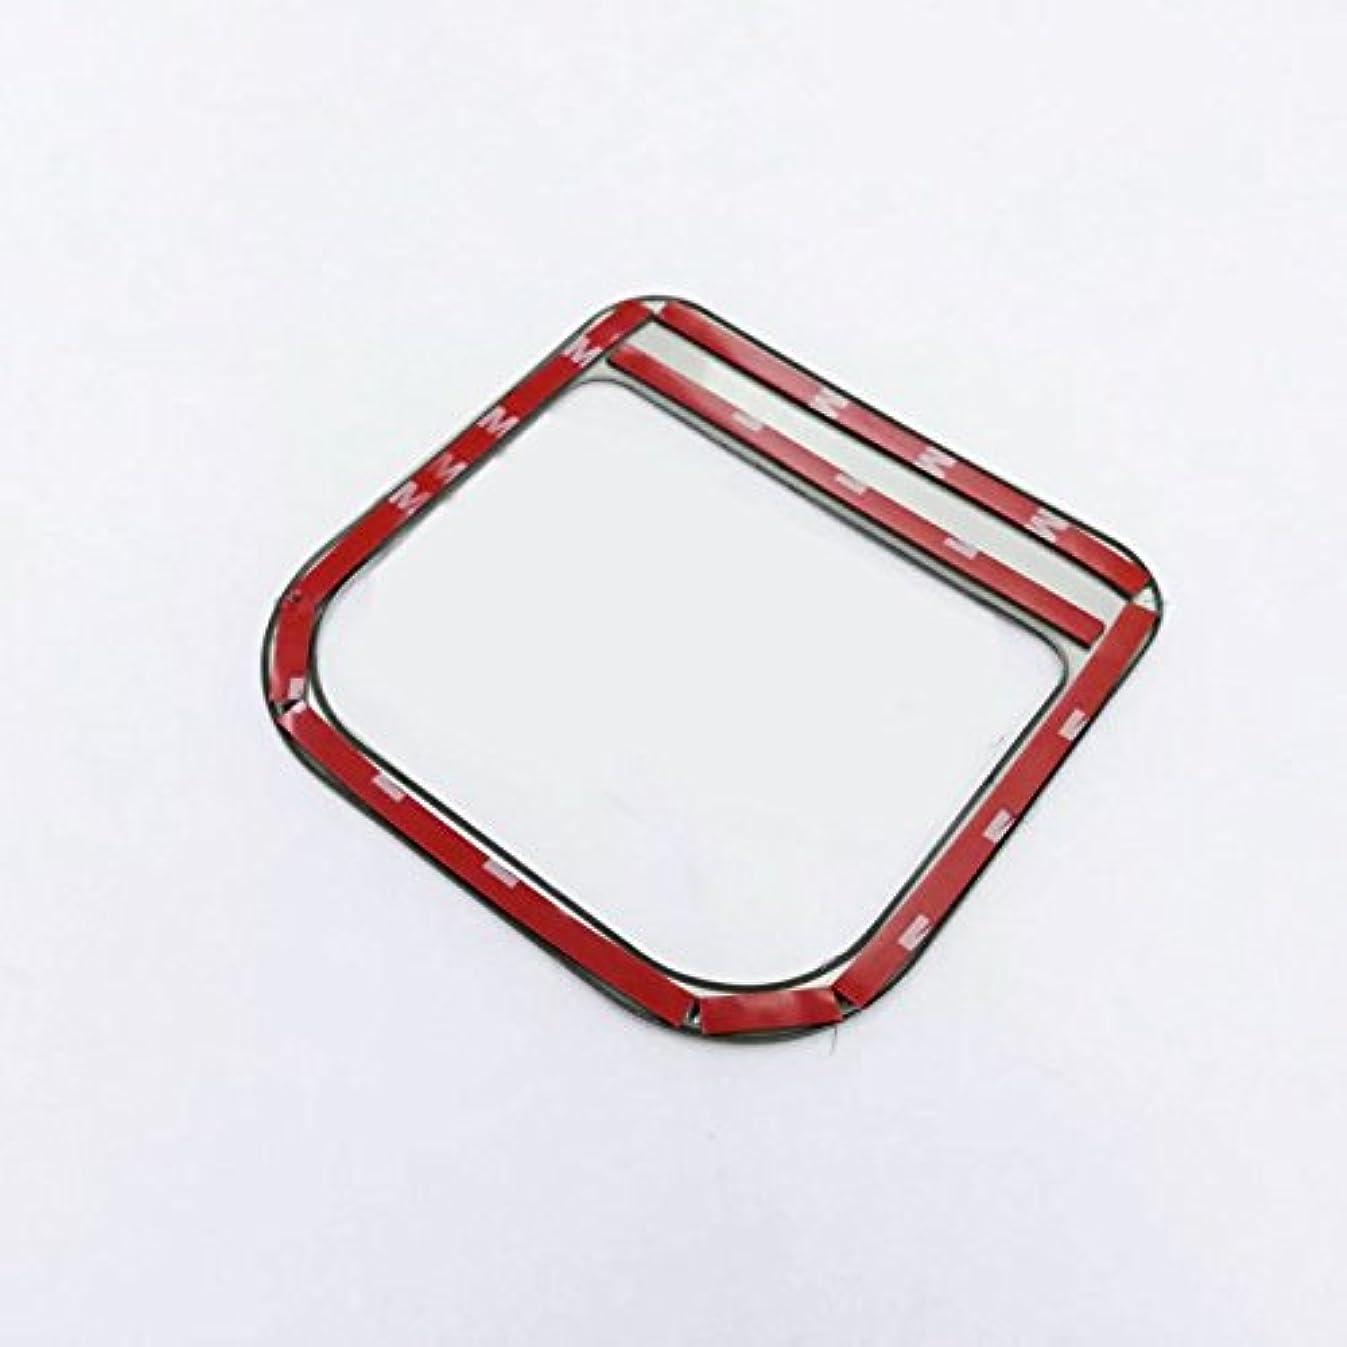 昇る契約する飽和するJicorzo - 1pc Car Interior Storage Box handle Cover Trim Sticker Blue For Chevrolet Equinox 2018 Car Interior Accessories Styling